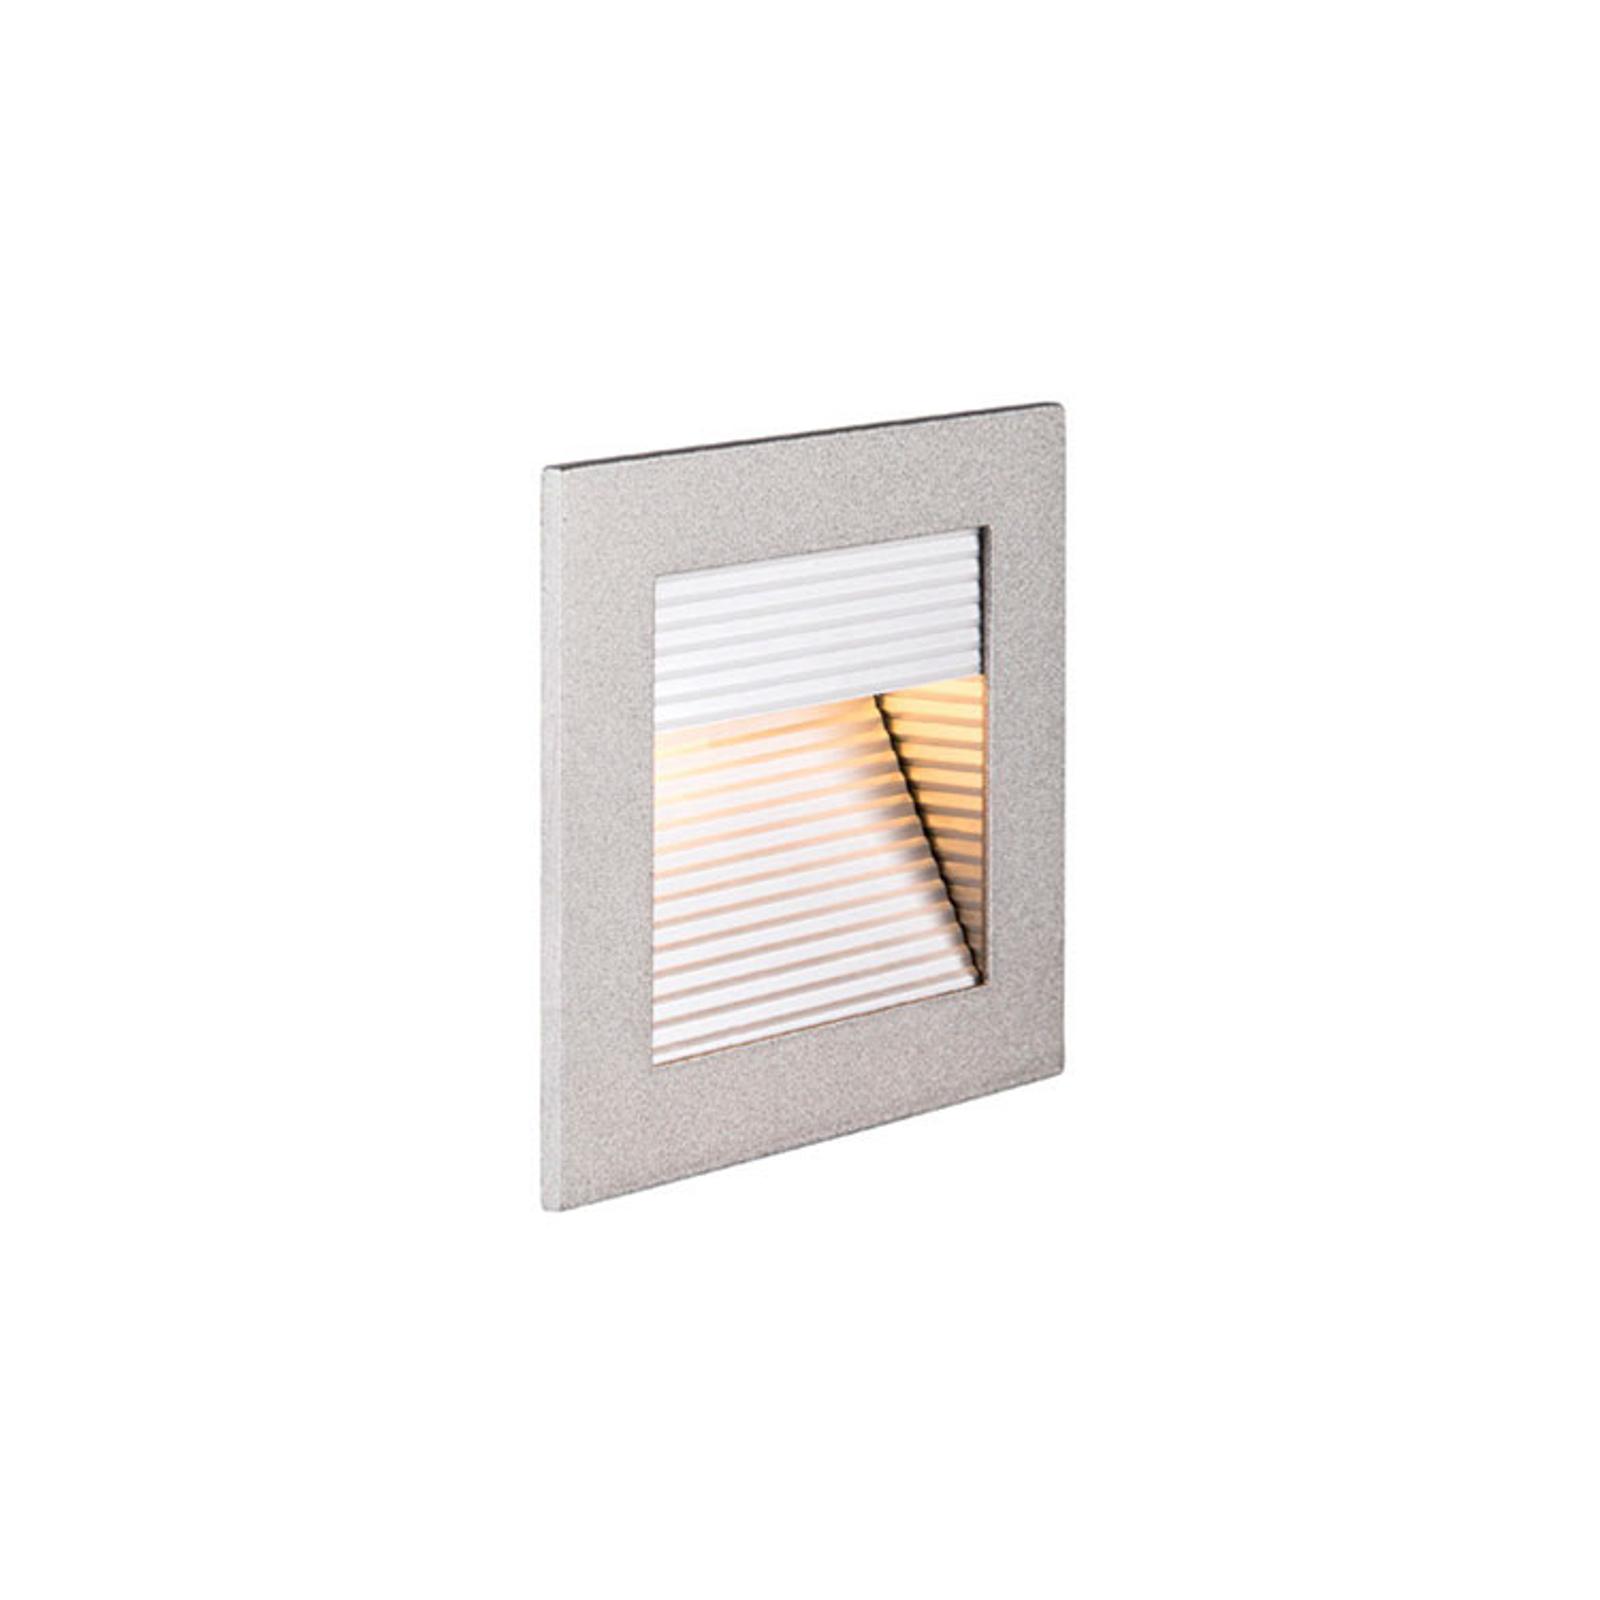 SLV Frame Curve lampe encastrable LED argentée